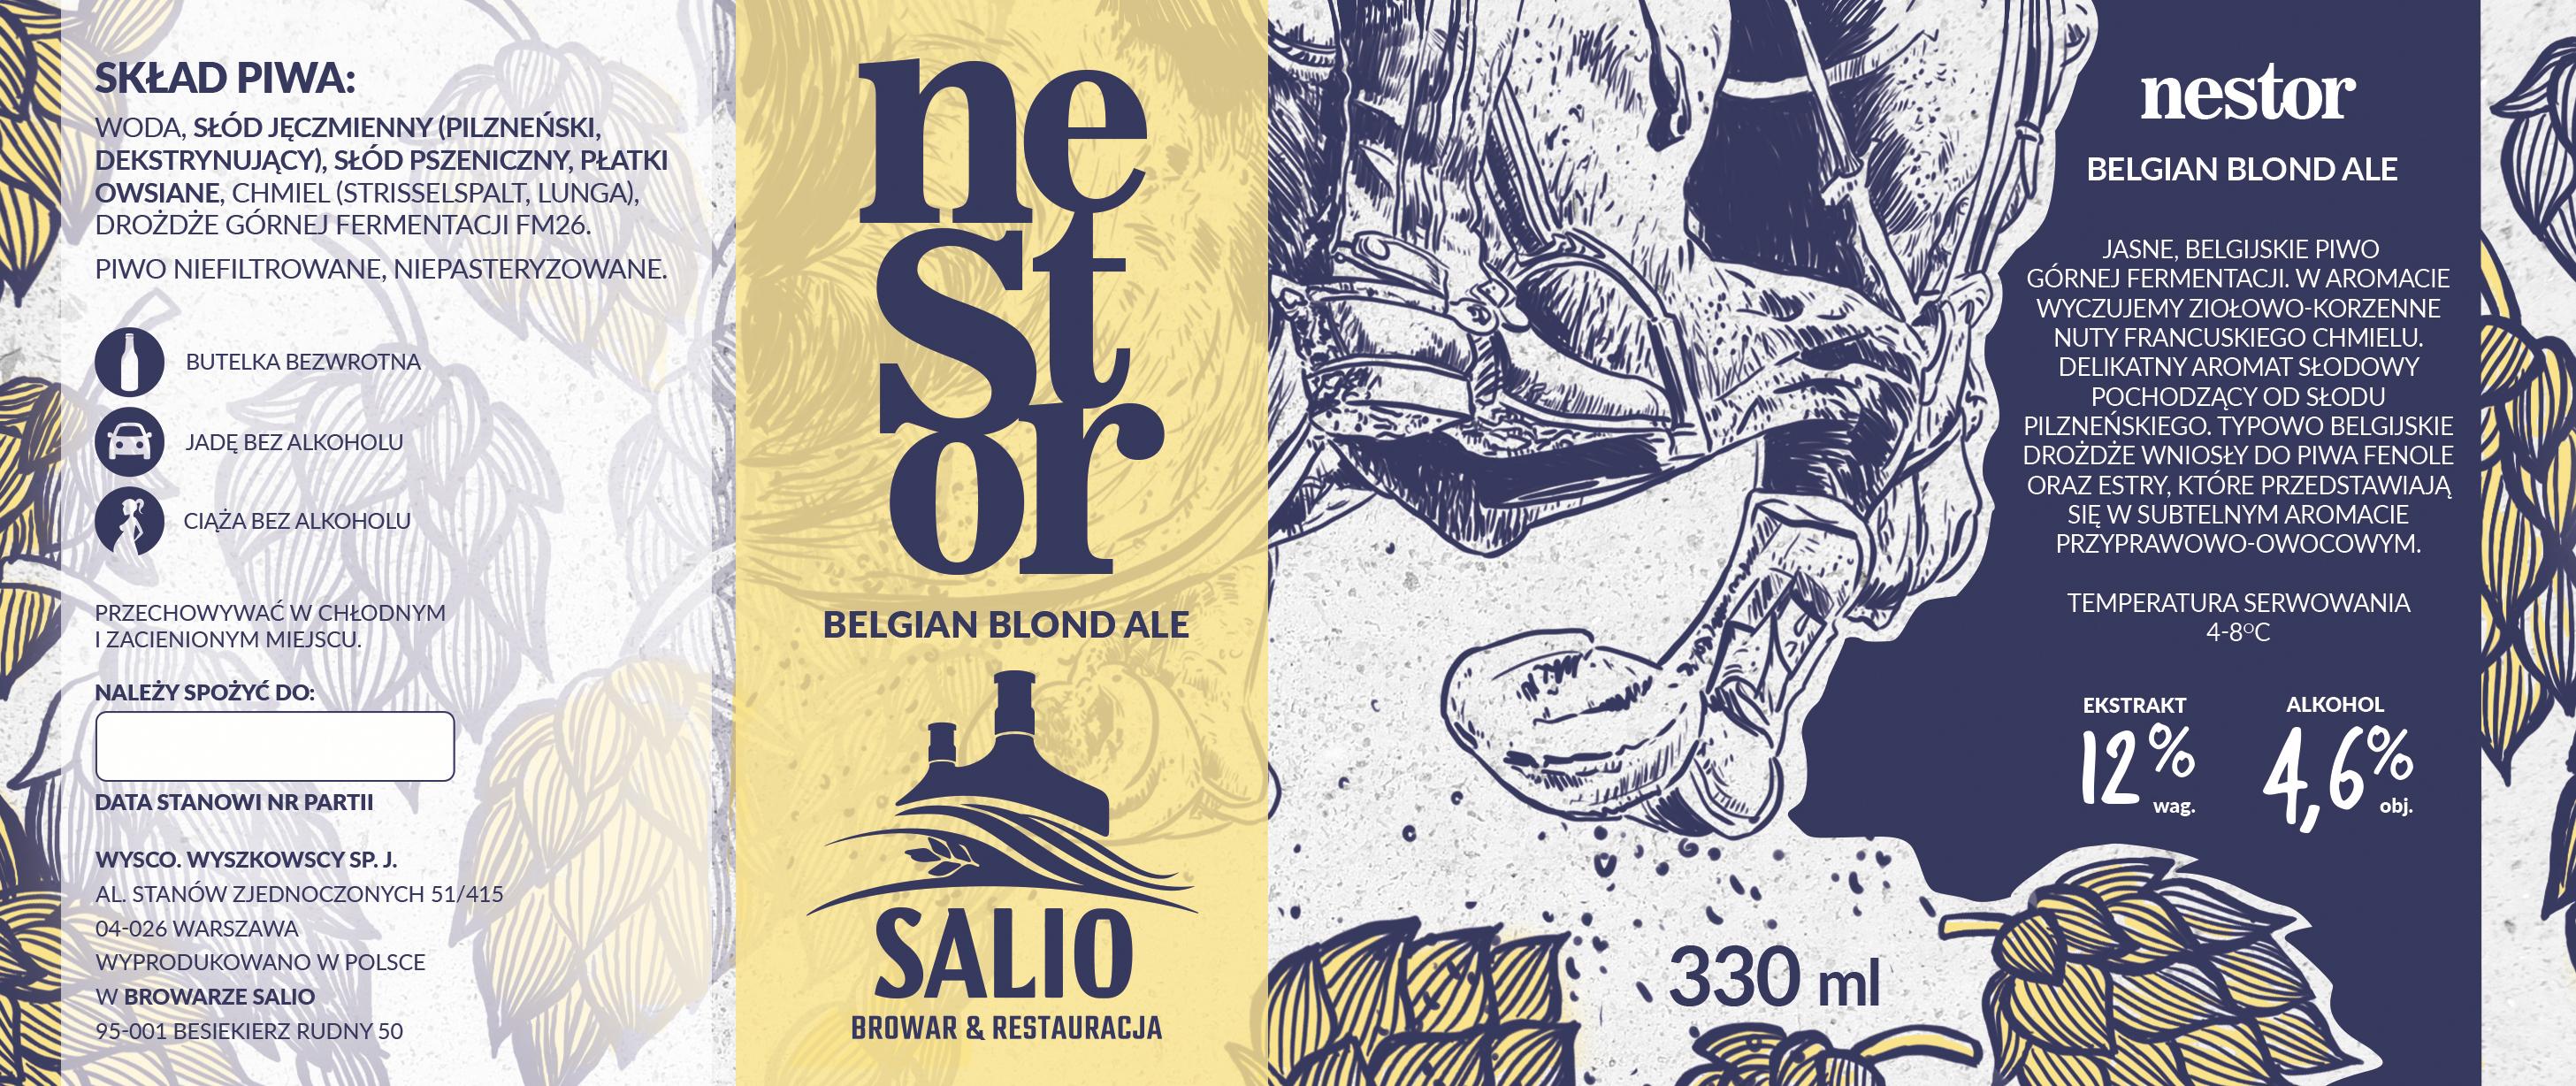 Salio - ośrodek jeździecki, browar restauracyjny. 13